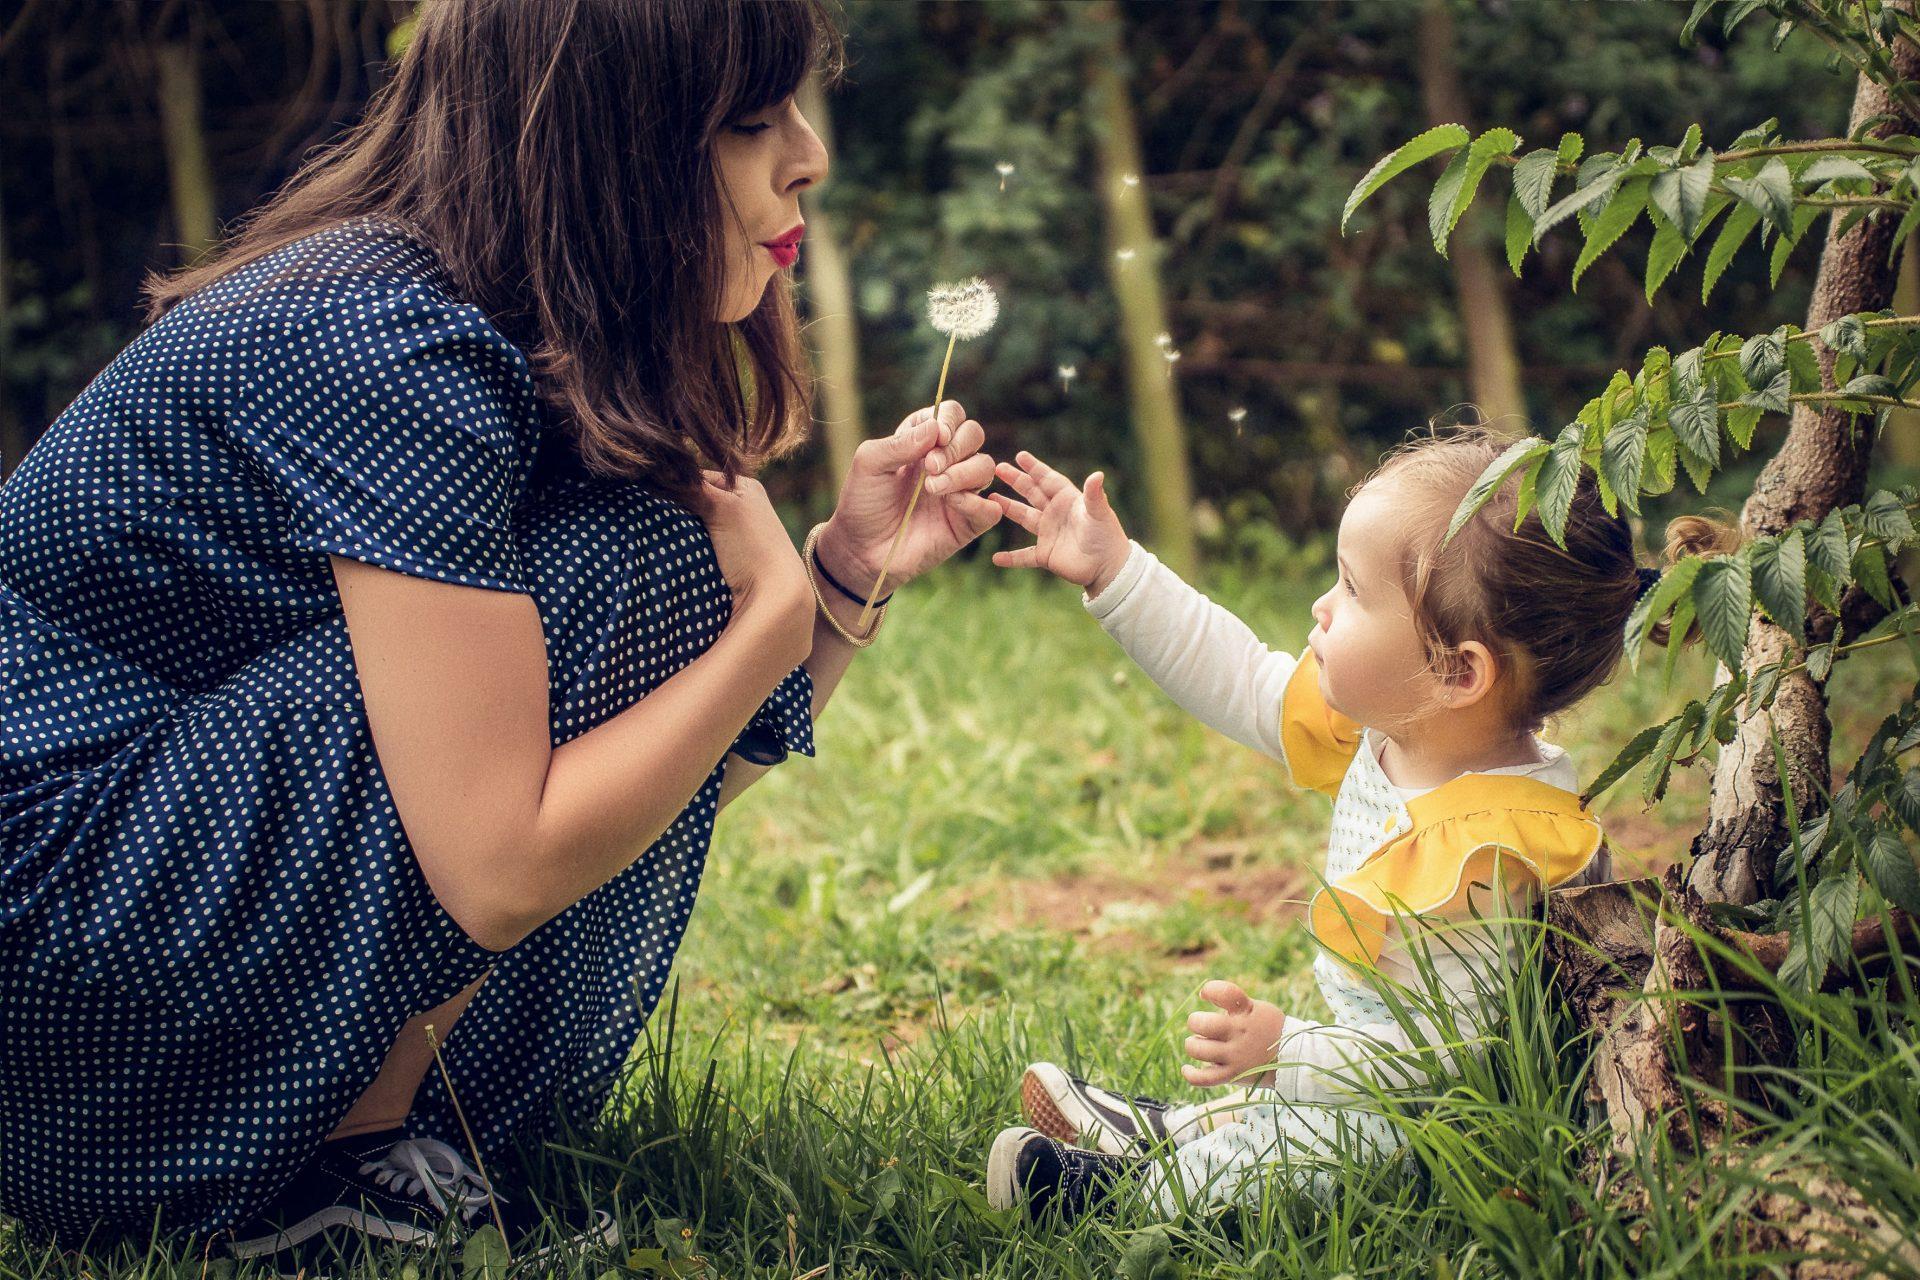 Nuevas Sesiones Familiares en exterior en Tenerife